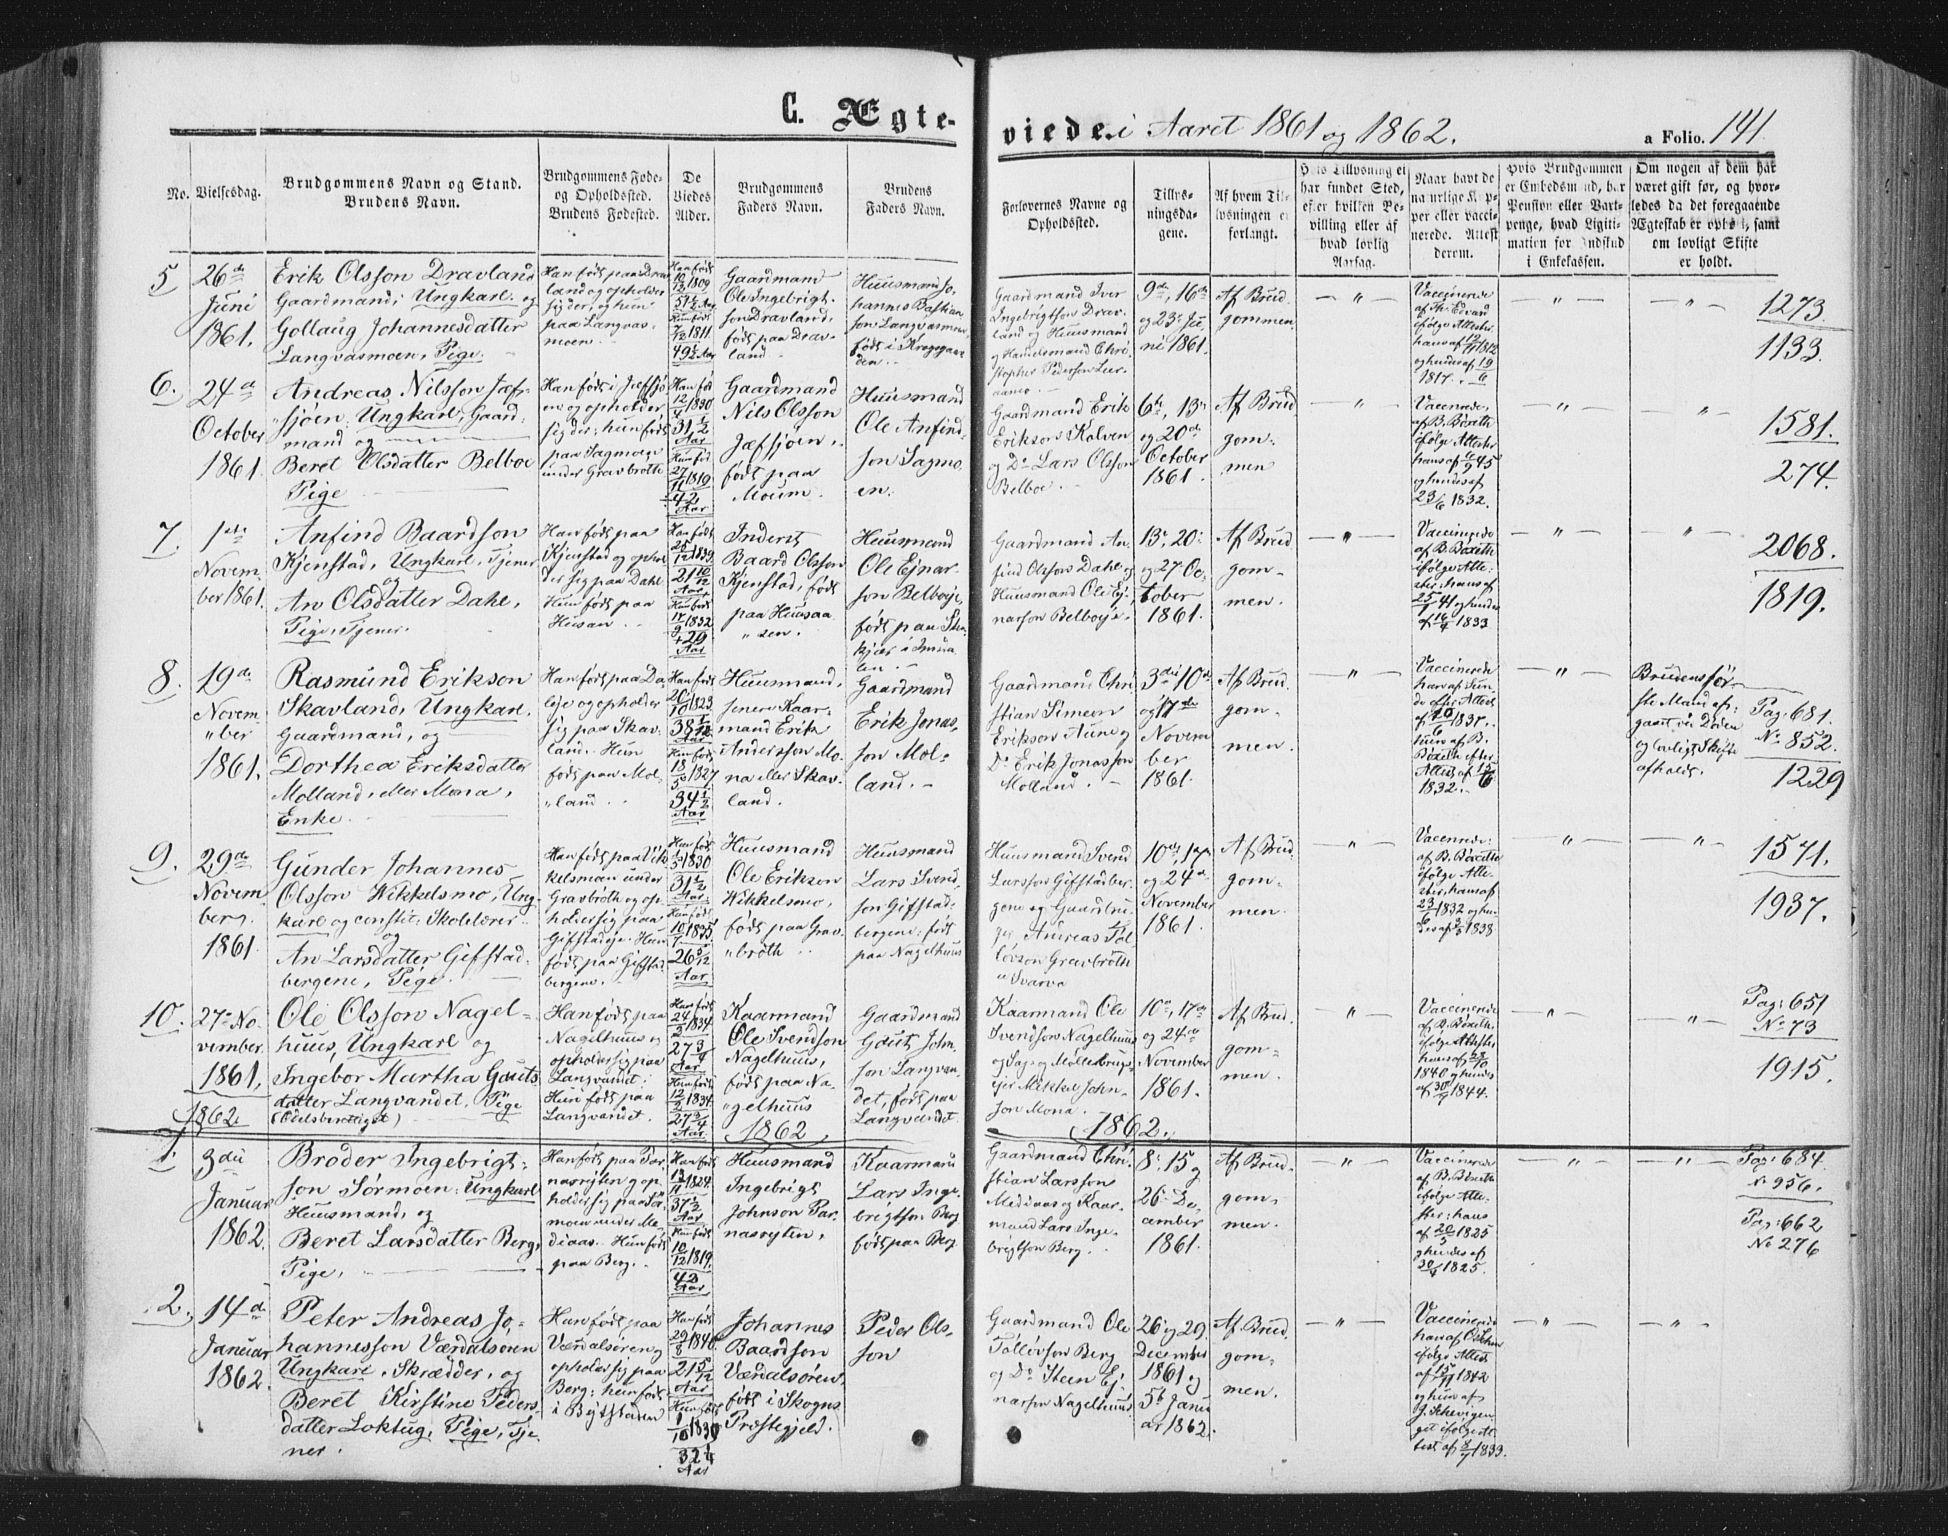 SAT, Ministerialprotokoller, klokkerbøker og fødselsregistre - Nord-Trøndelag, 749/L0472: Ministerialbok nr. 749A06, 1857-1873, s. 141